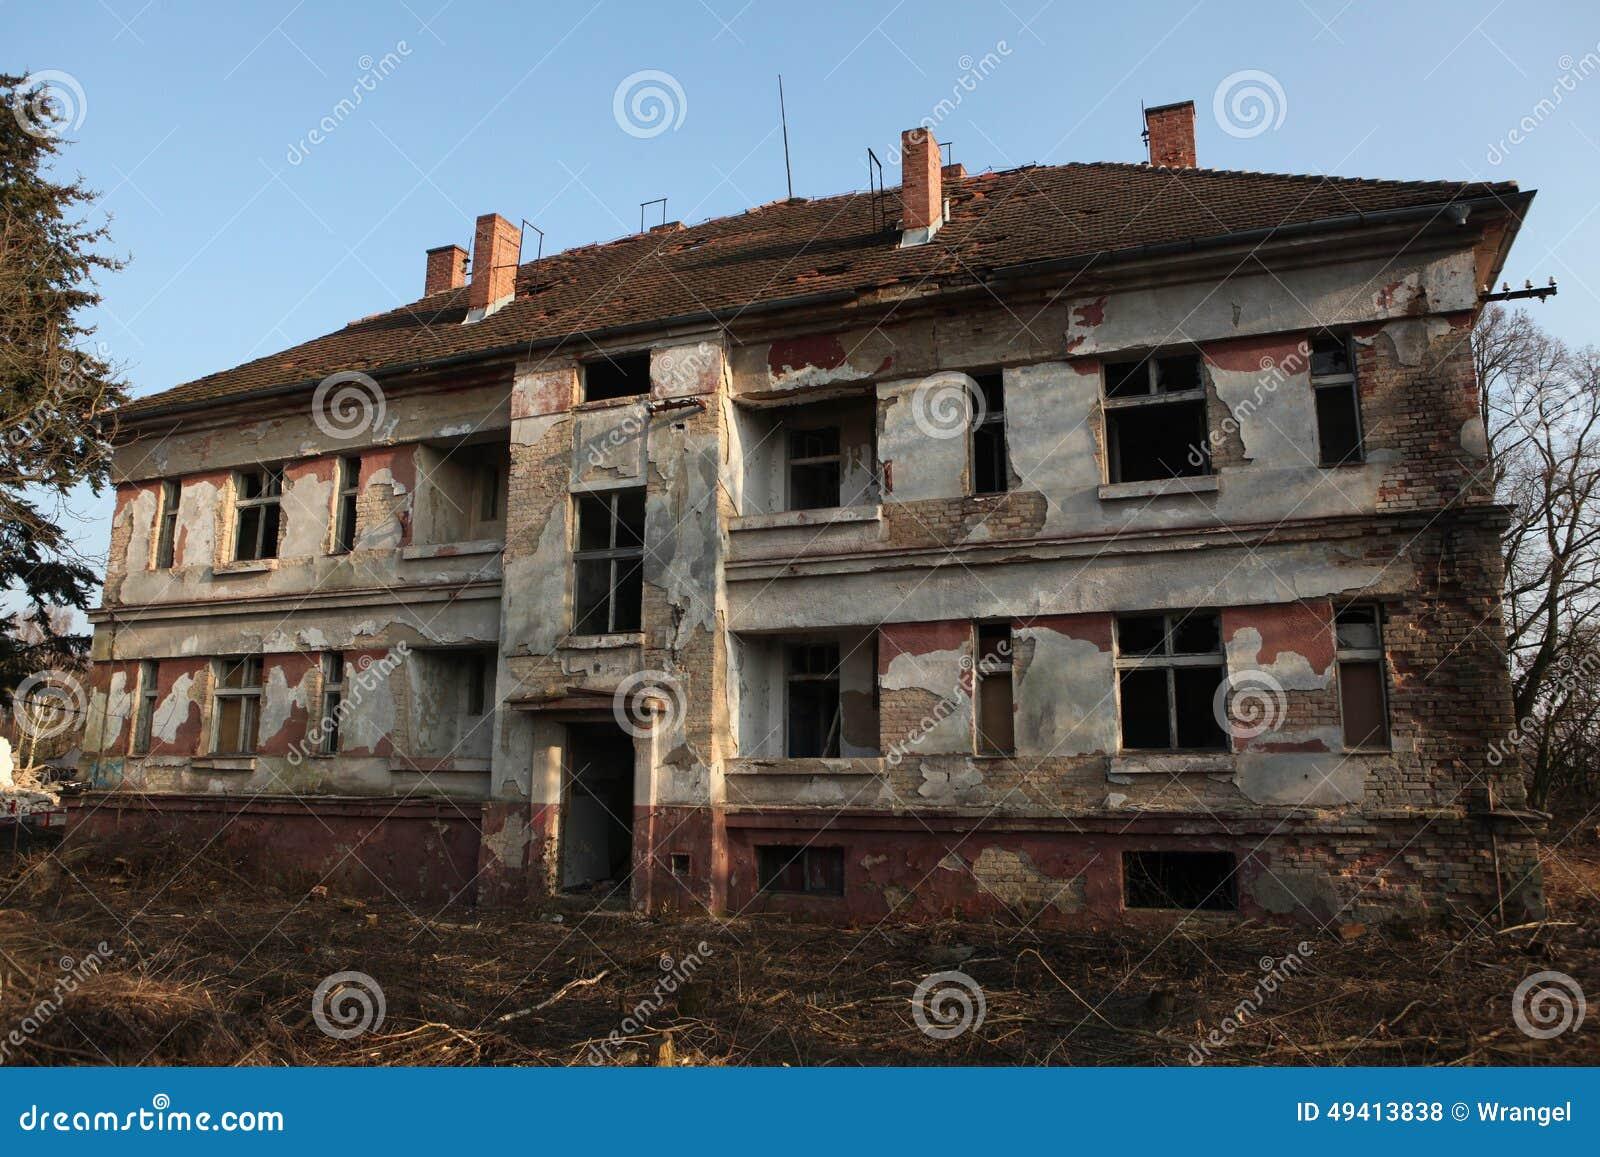 Download Ehemaliger Sowjetischer Militärstützpunkt In Milovice, Tschechische Republik Stockfoto - Bild von ruine, europäisch: 49413838